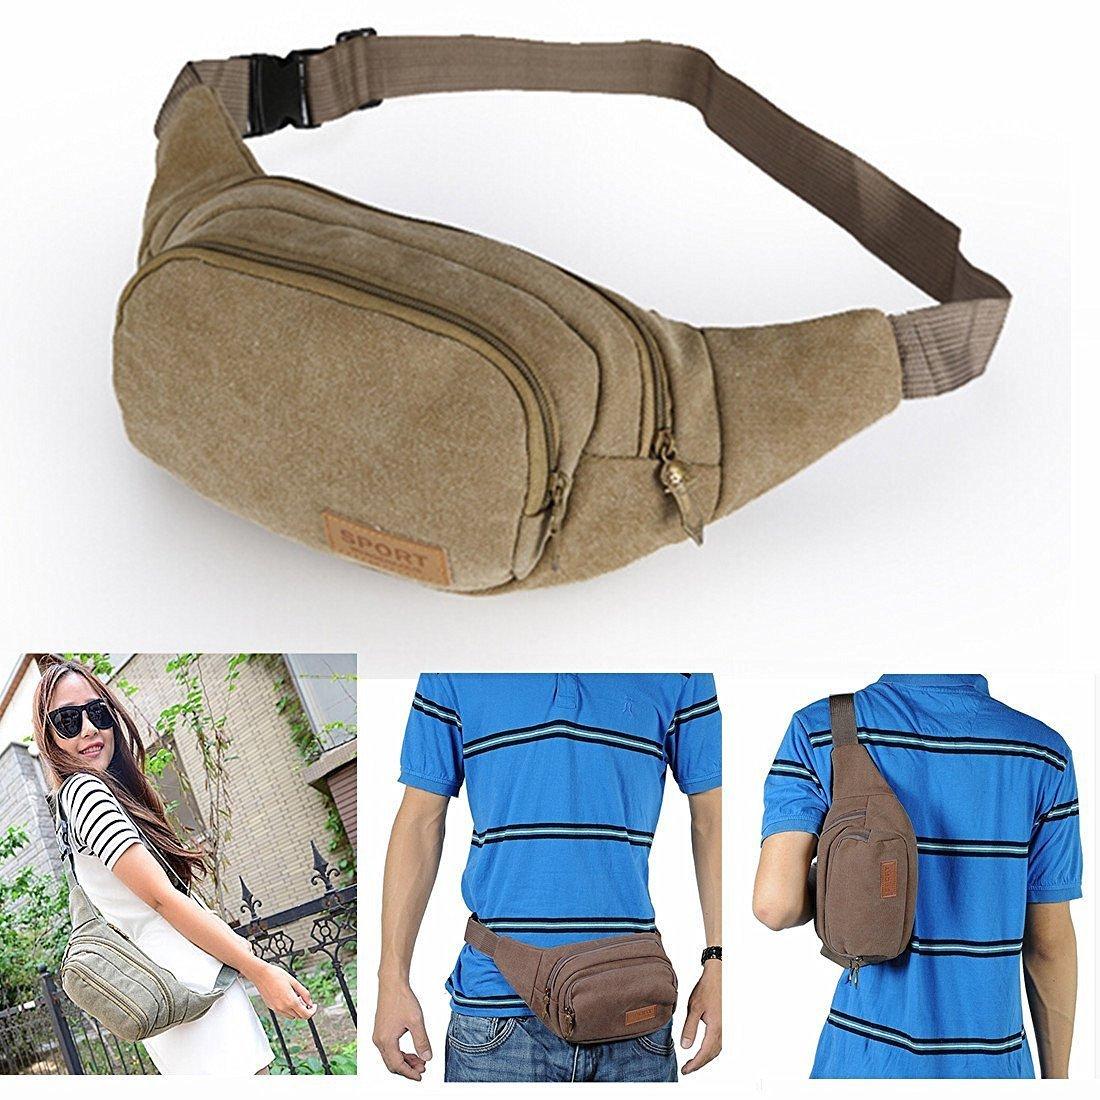 d1f16dcf7ed Get Quotations · Kalevel Outdoor Sports Backpack Casual Bags One Shoulder  Bag Sling Bag Canvas Backpack Rucksack Backpack Hiking